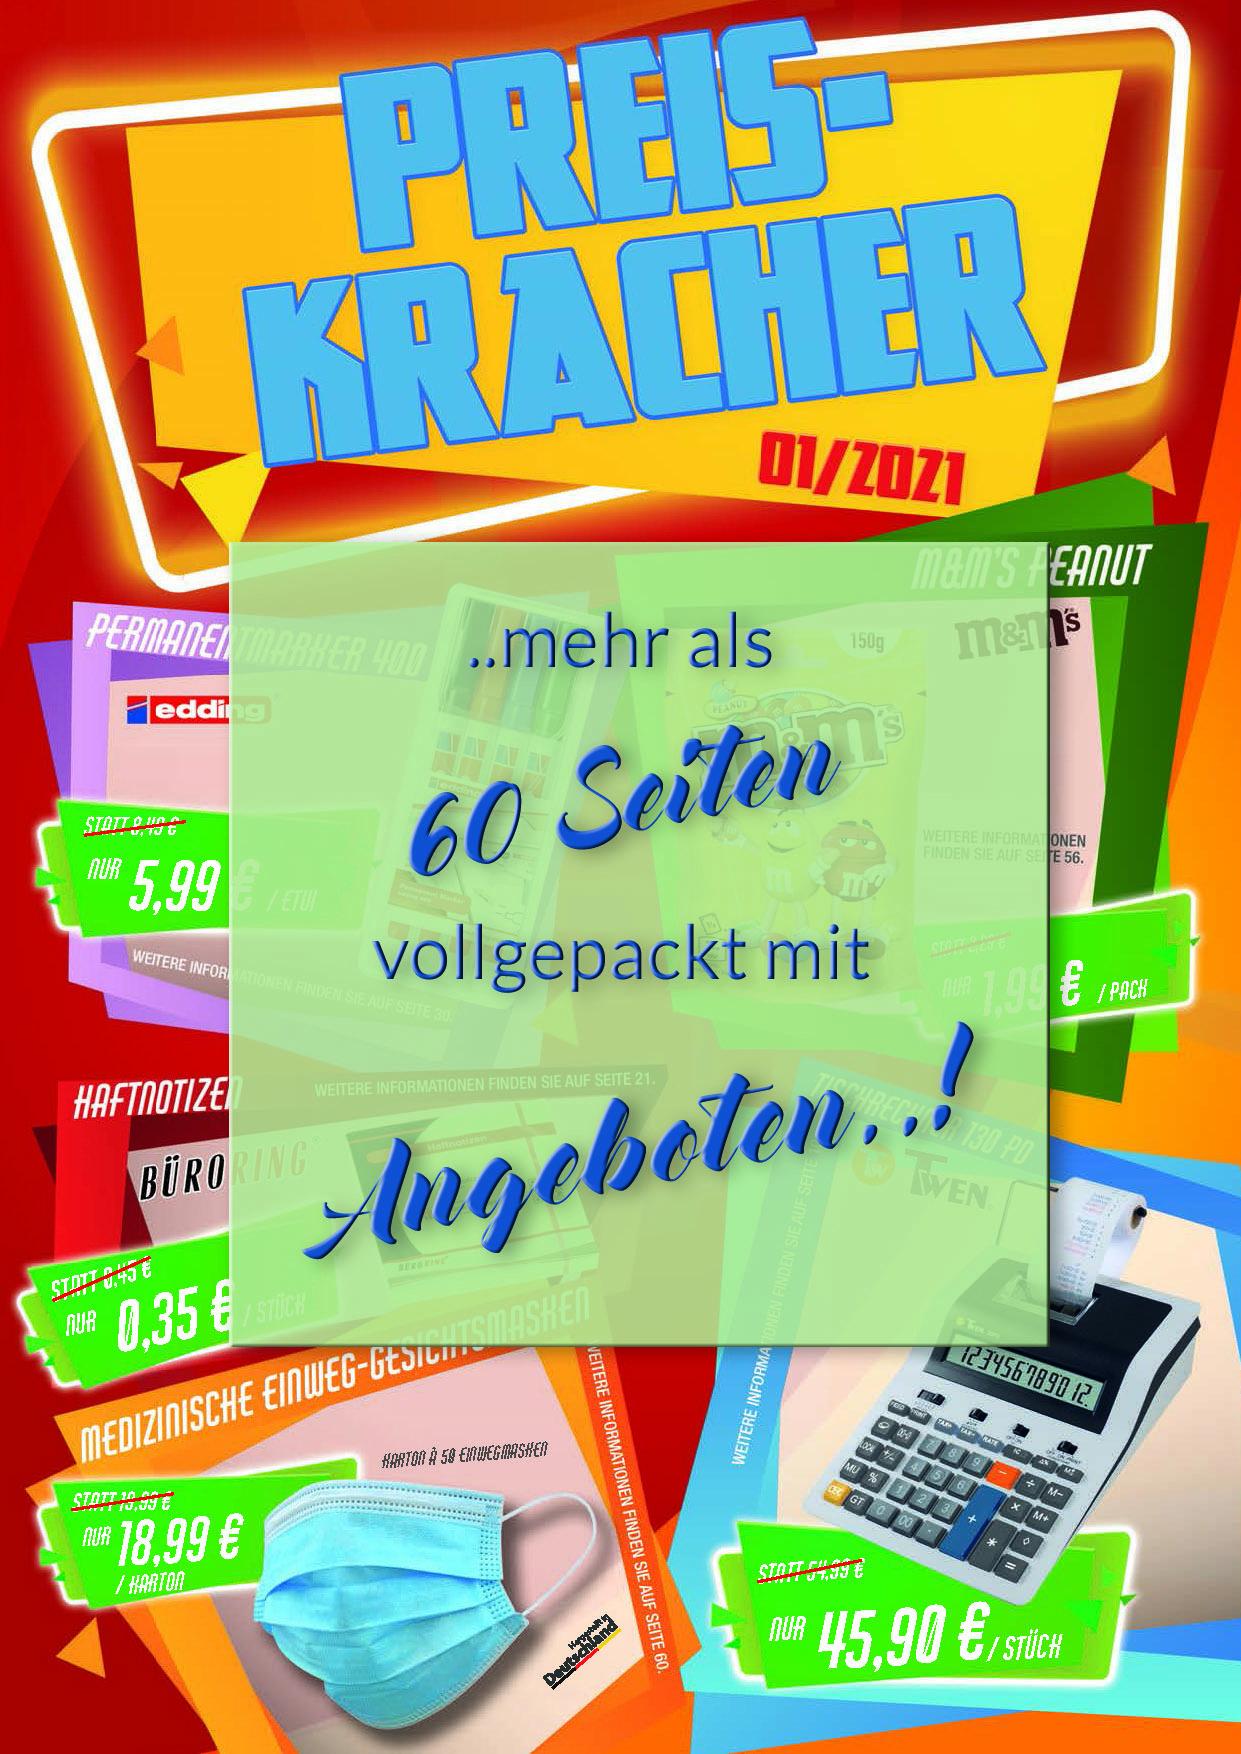 Preiskracher_01-2021_Title_Seite_01